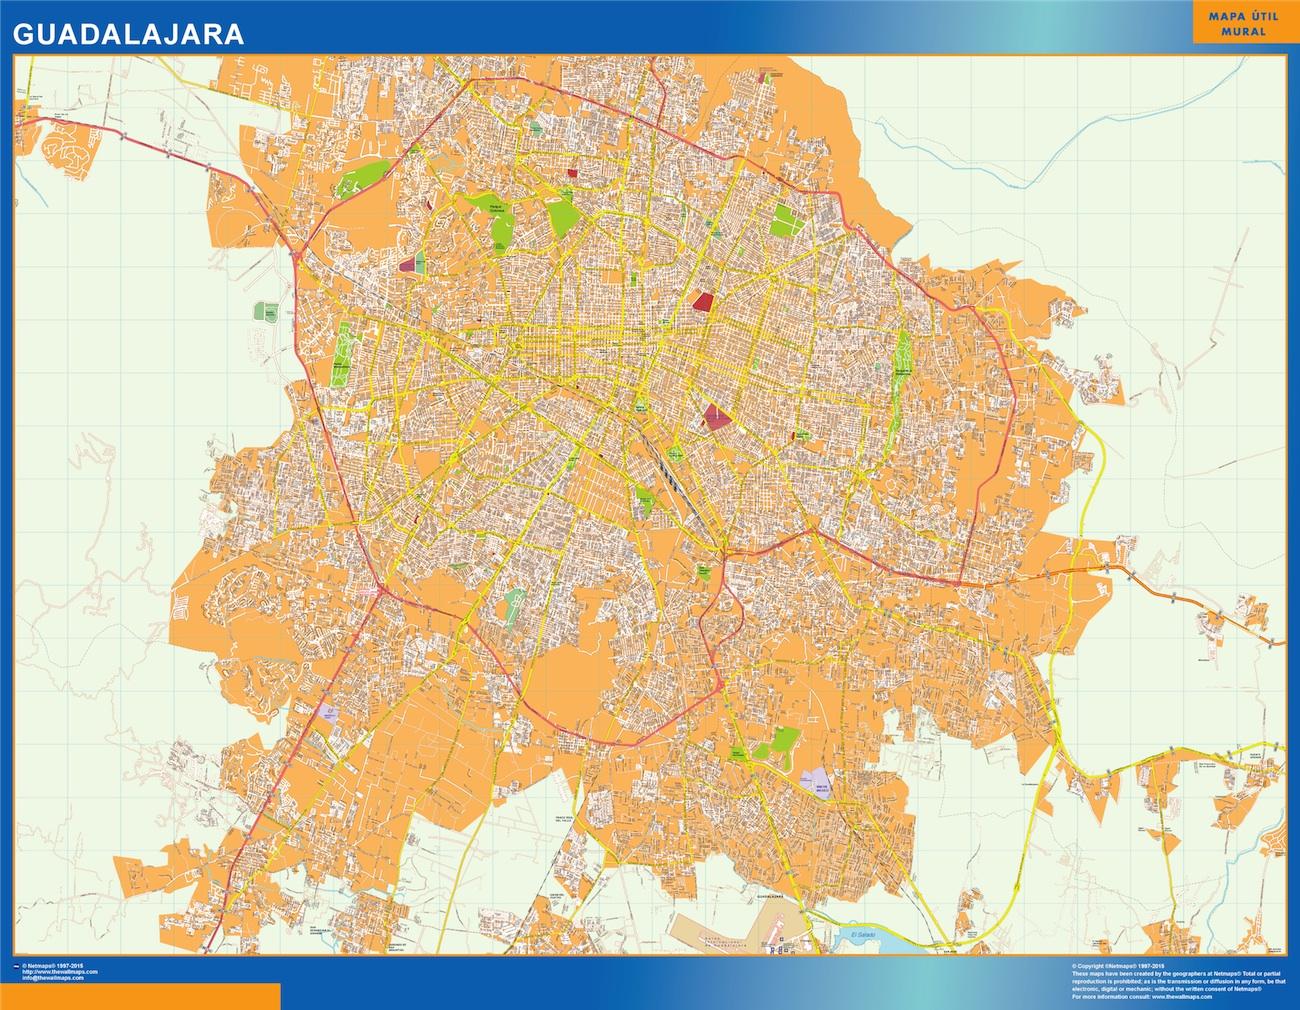 Mapa Guadalajara en Mexico plastificado gigante